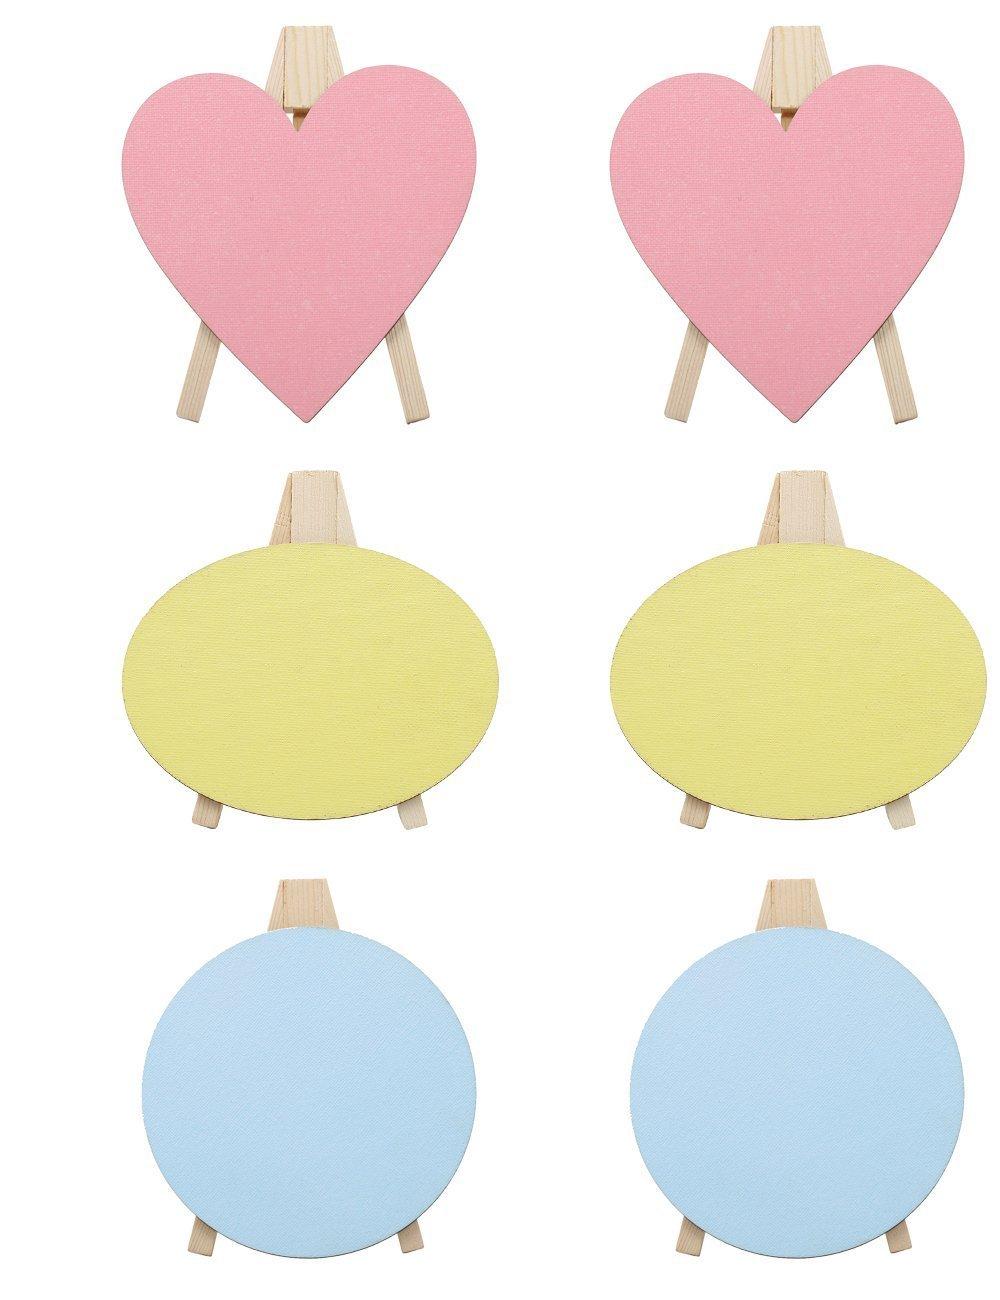 Meeden 6pezzi colori mini pannelli di tela con cavalletto in legno per bambini pittura parti Craft disegno decorazione Xmas Gift